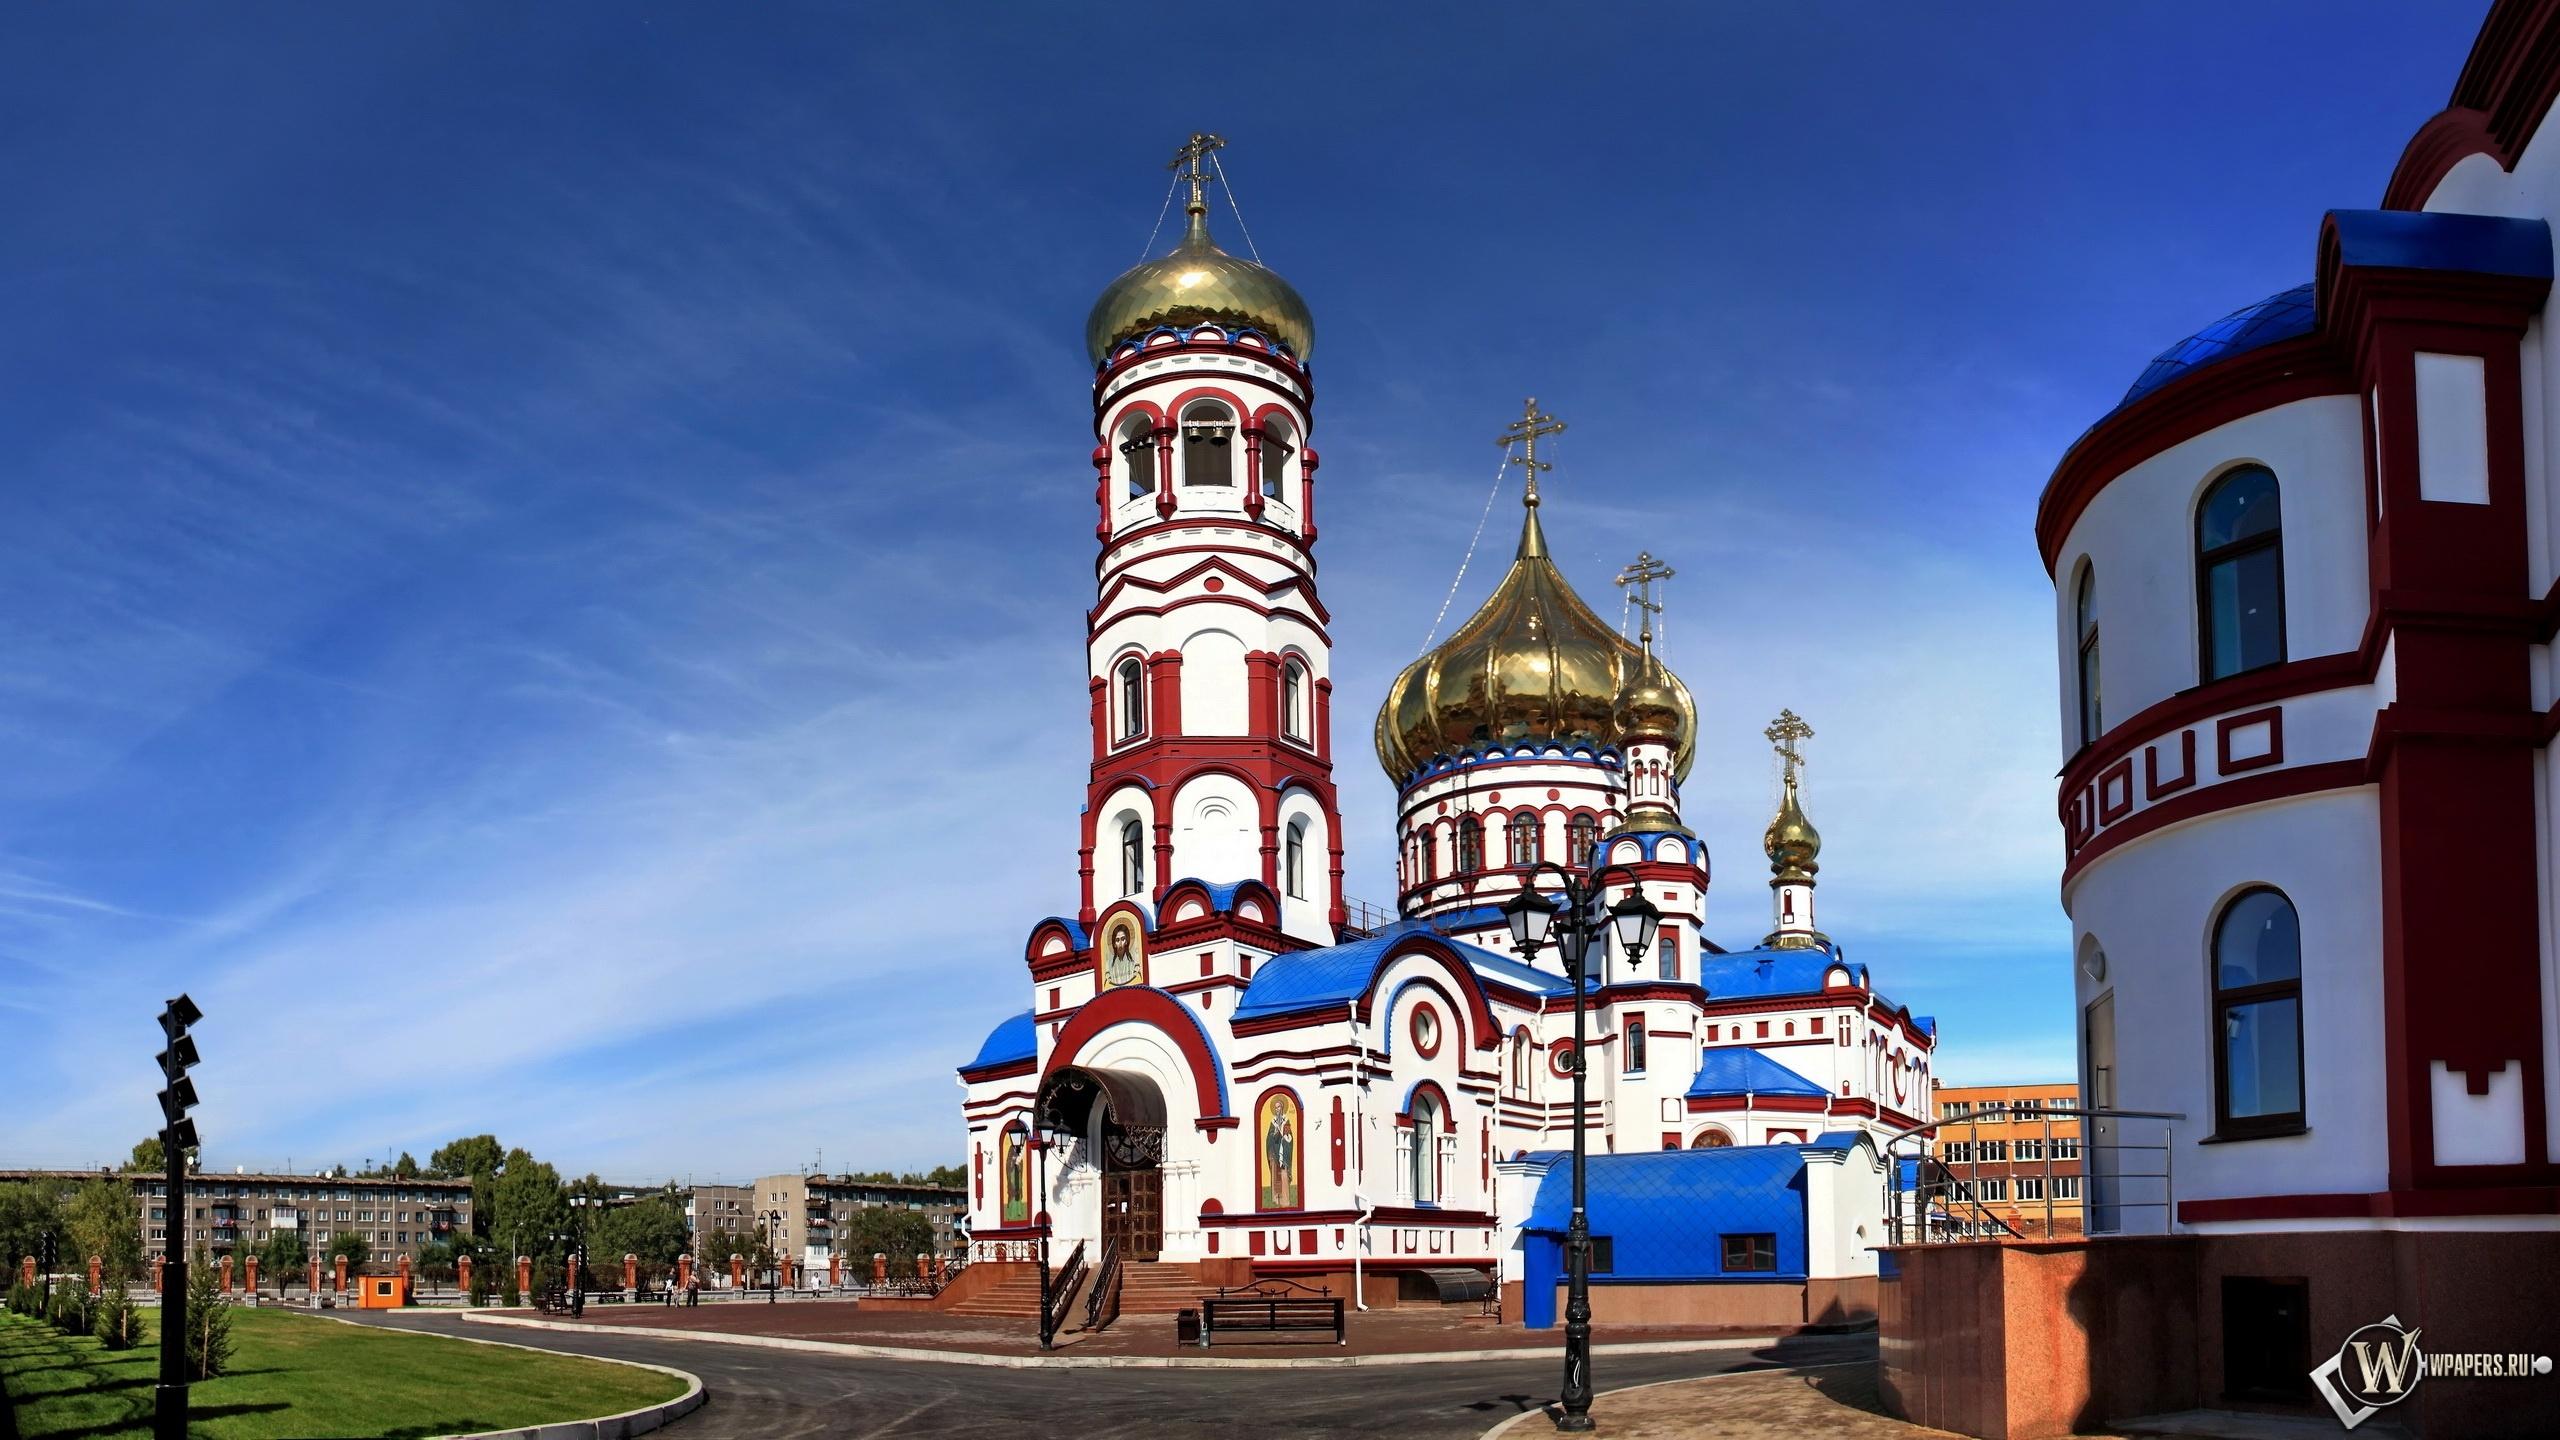 Новокузнецк Собор Рождества Христова  2560x1440